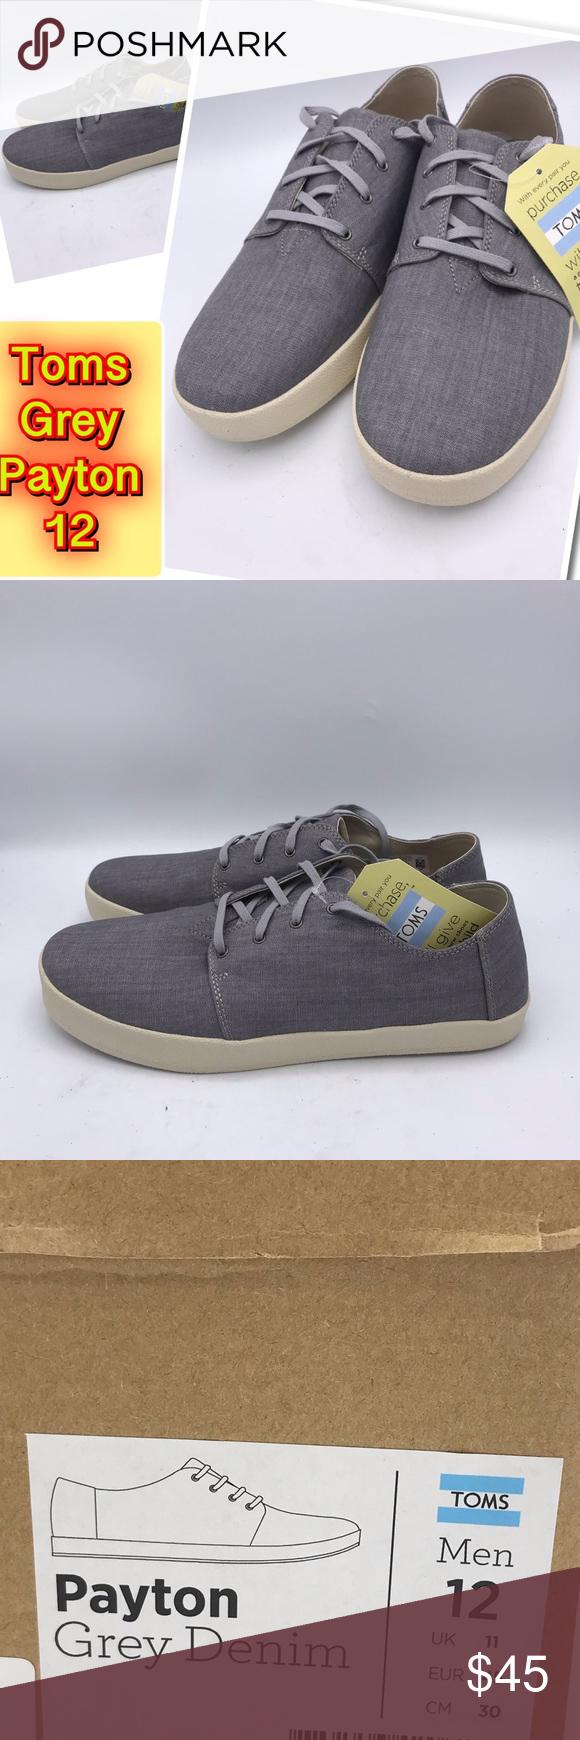 6e7677b4091 Toms Men s Grey Payton Denim casual Fashion 12 Toms Men s Grey Payton Denim  casual Fashion Sneakers